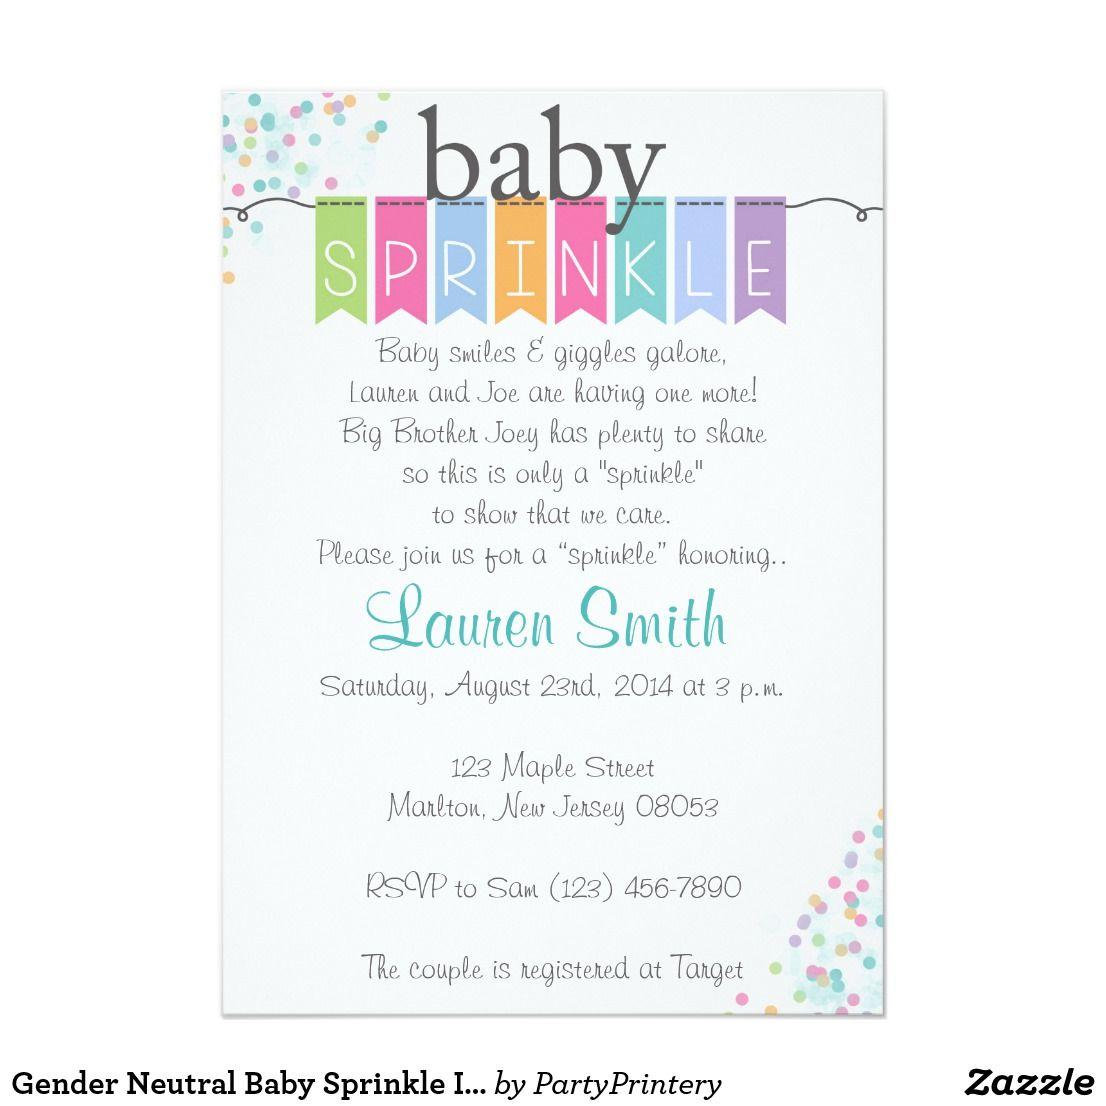 Gender Neutral Baby Sprinkle Invitations Gender neutral baby ...